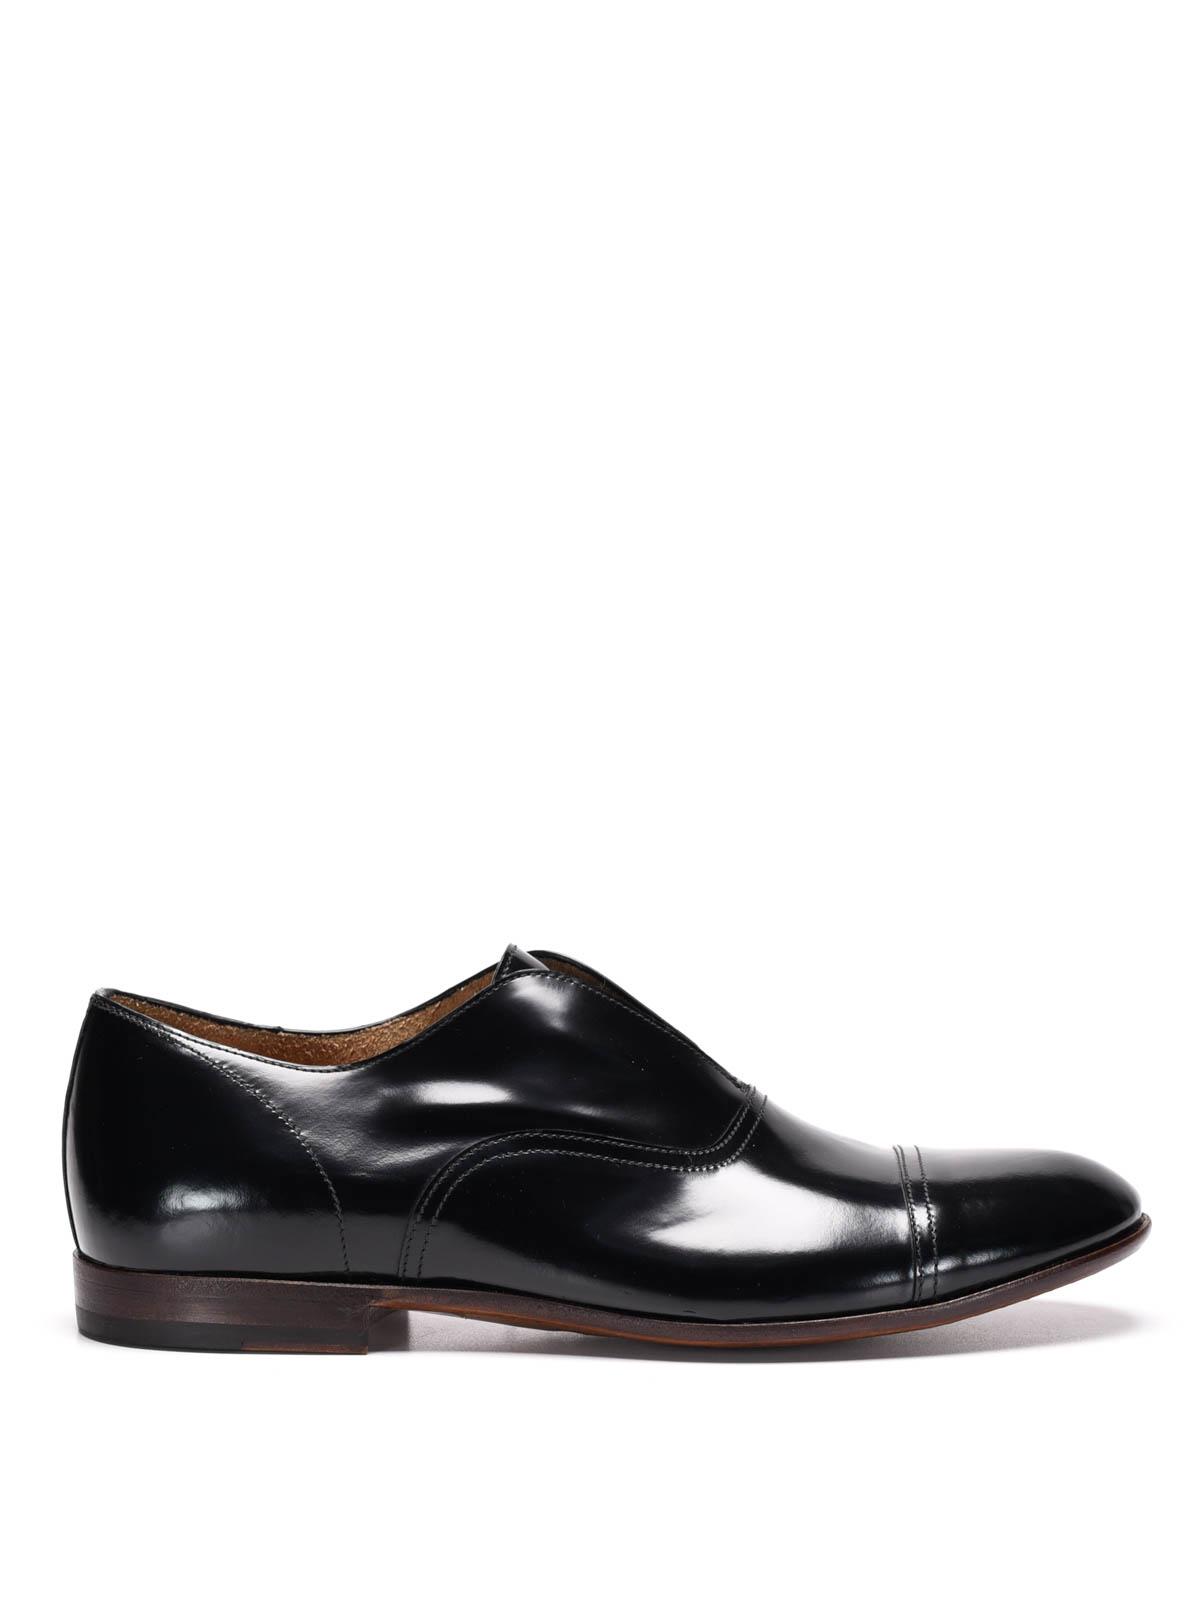 Raparo Shoes Online